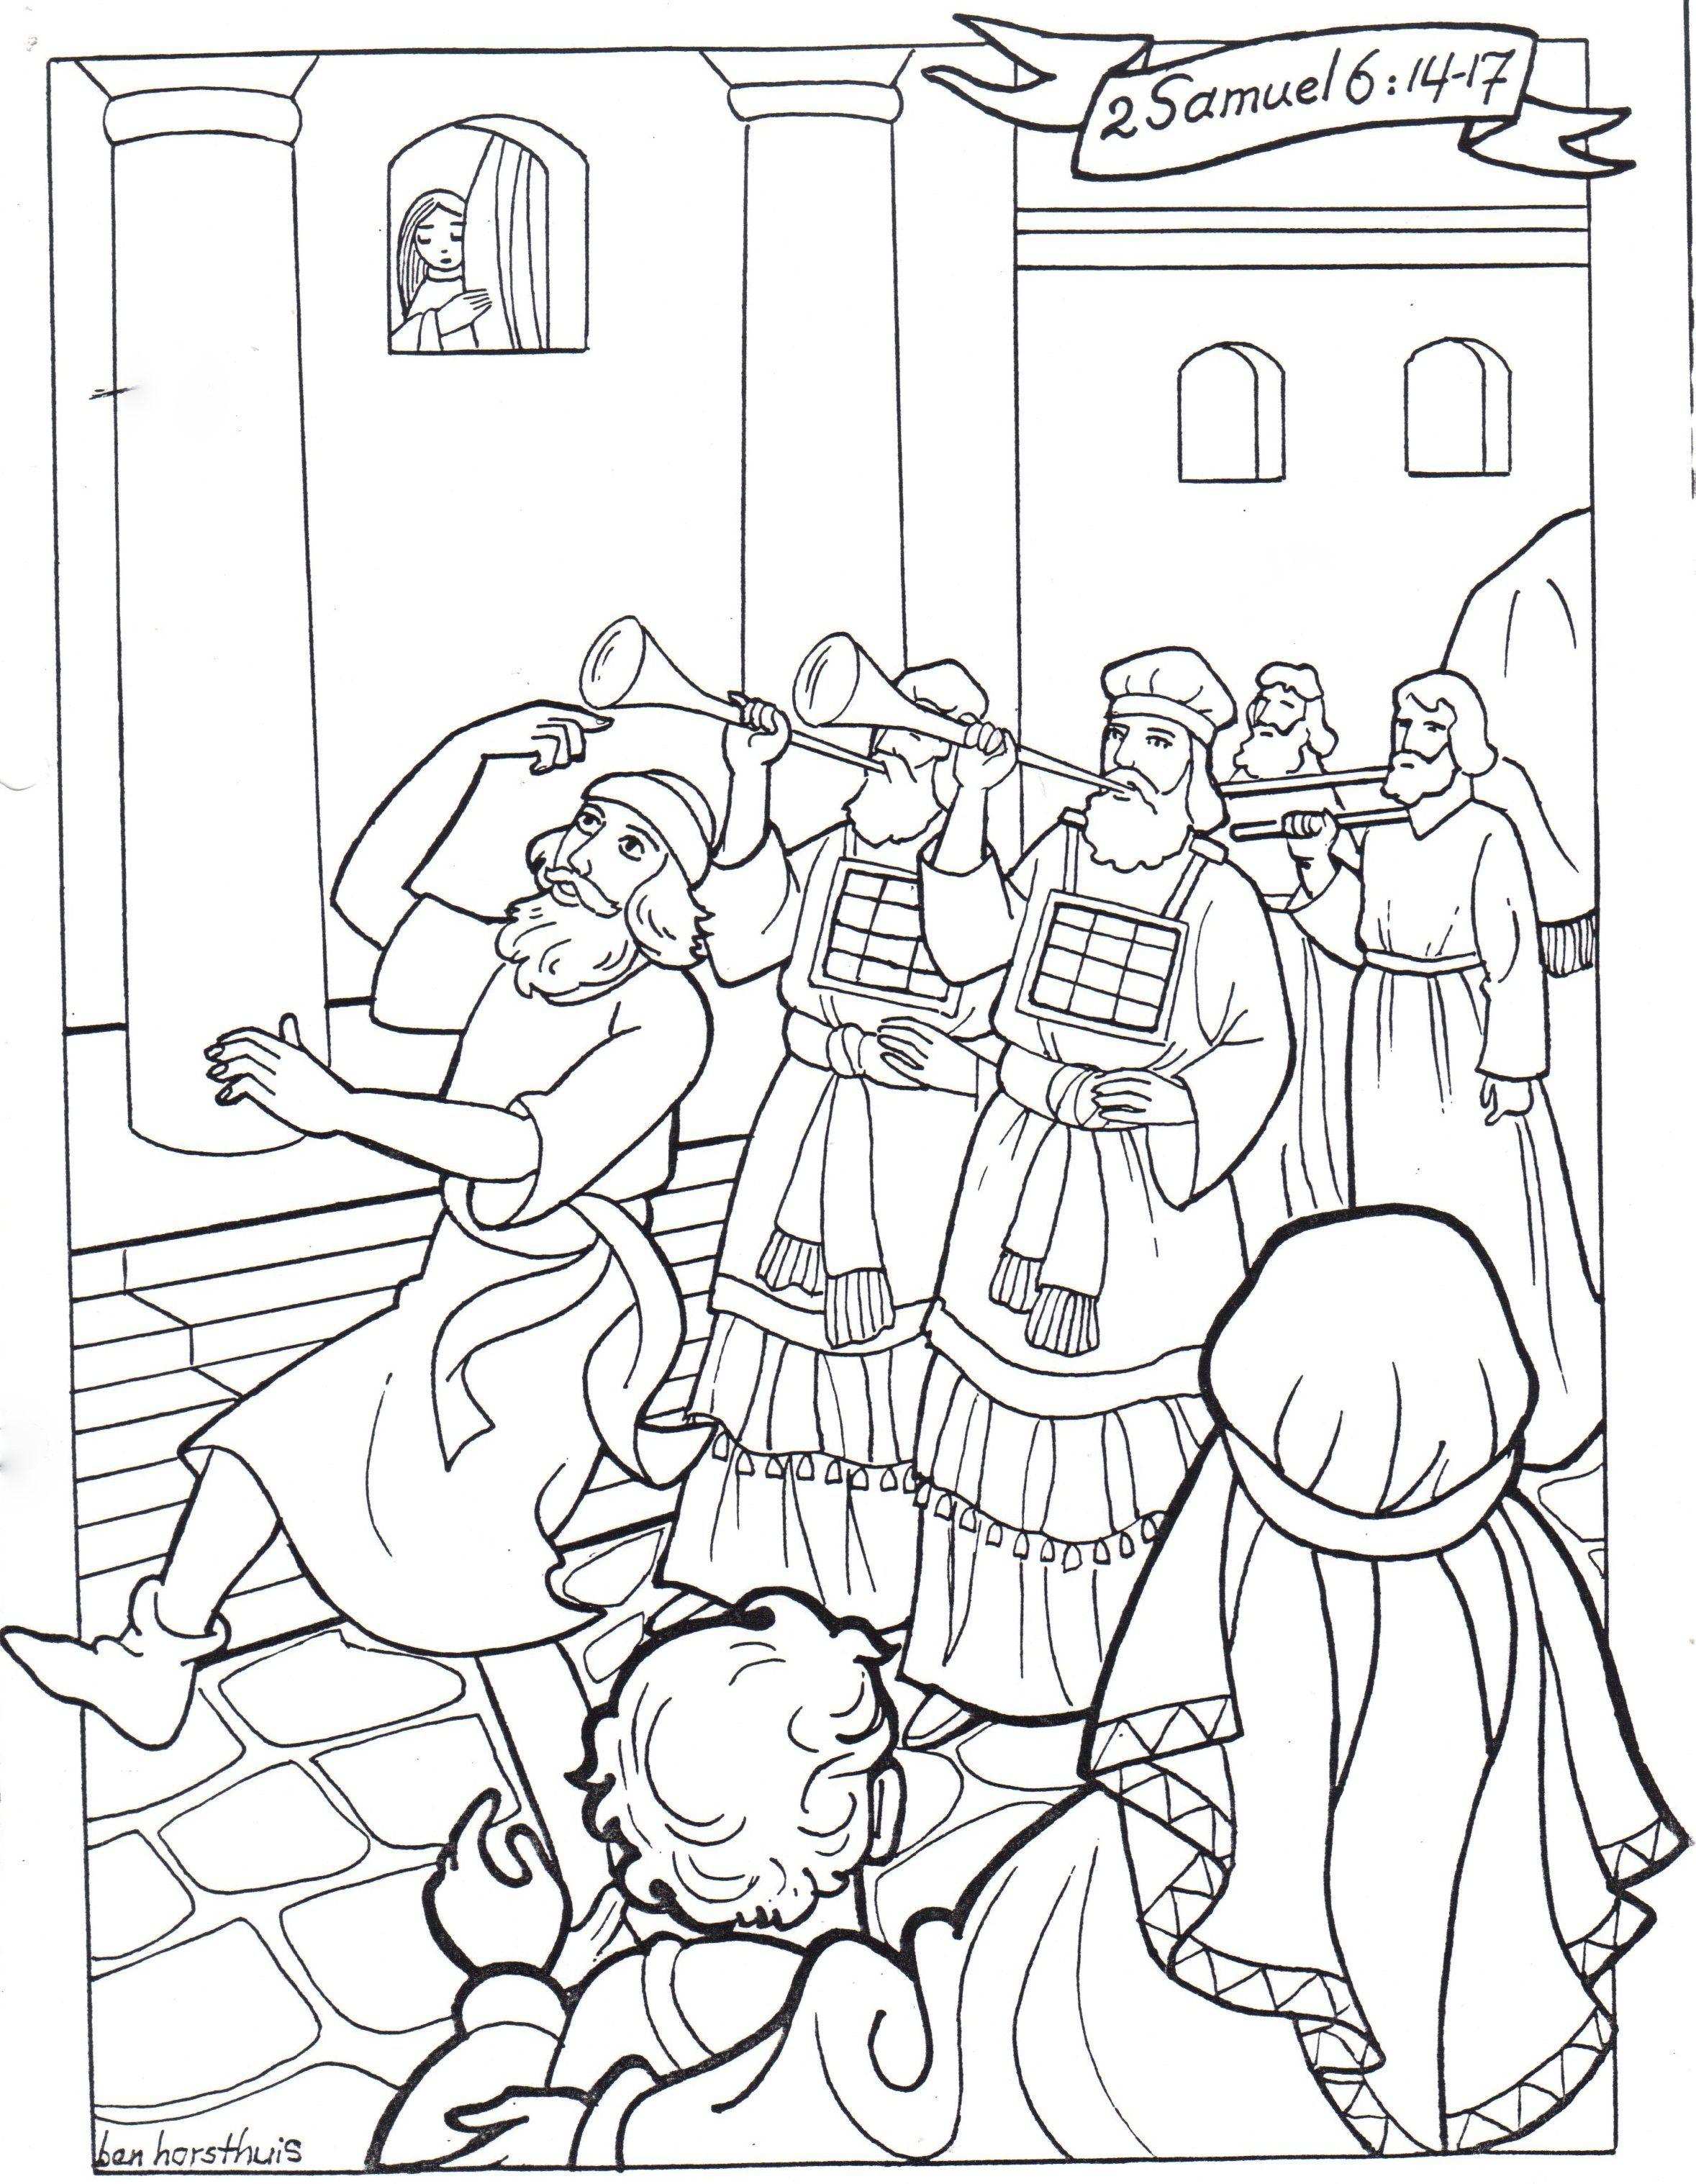 Pin de Lou Moore en Bible coloring pages | Pinterest | Moises y Dibujo